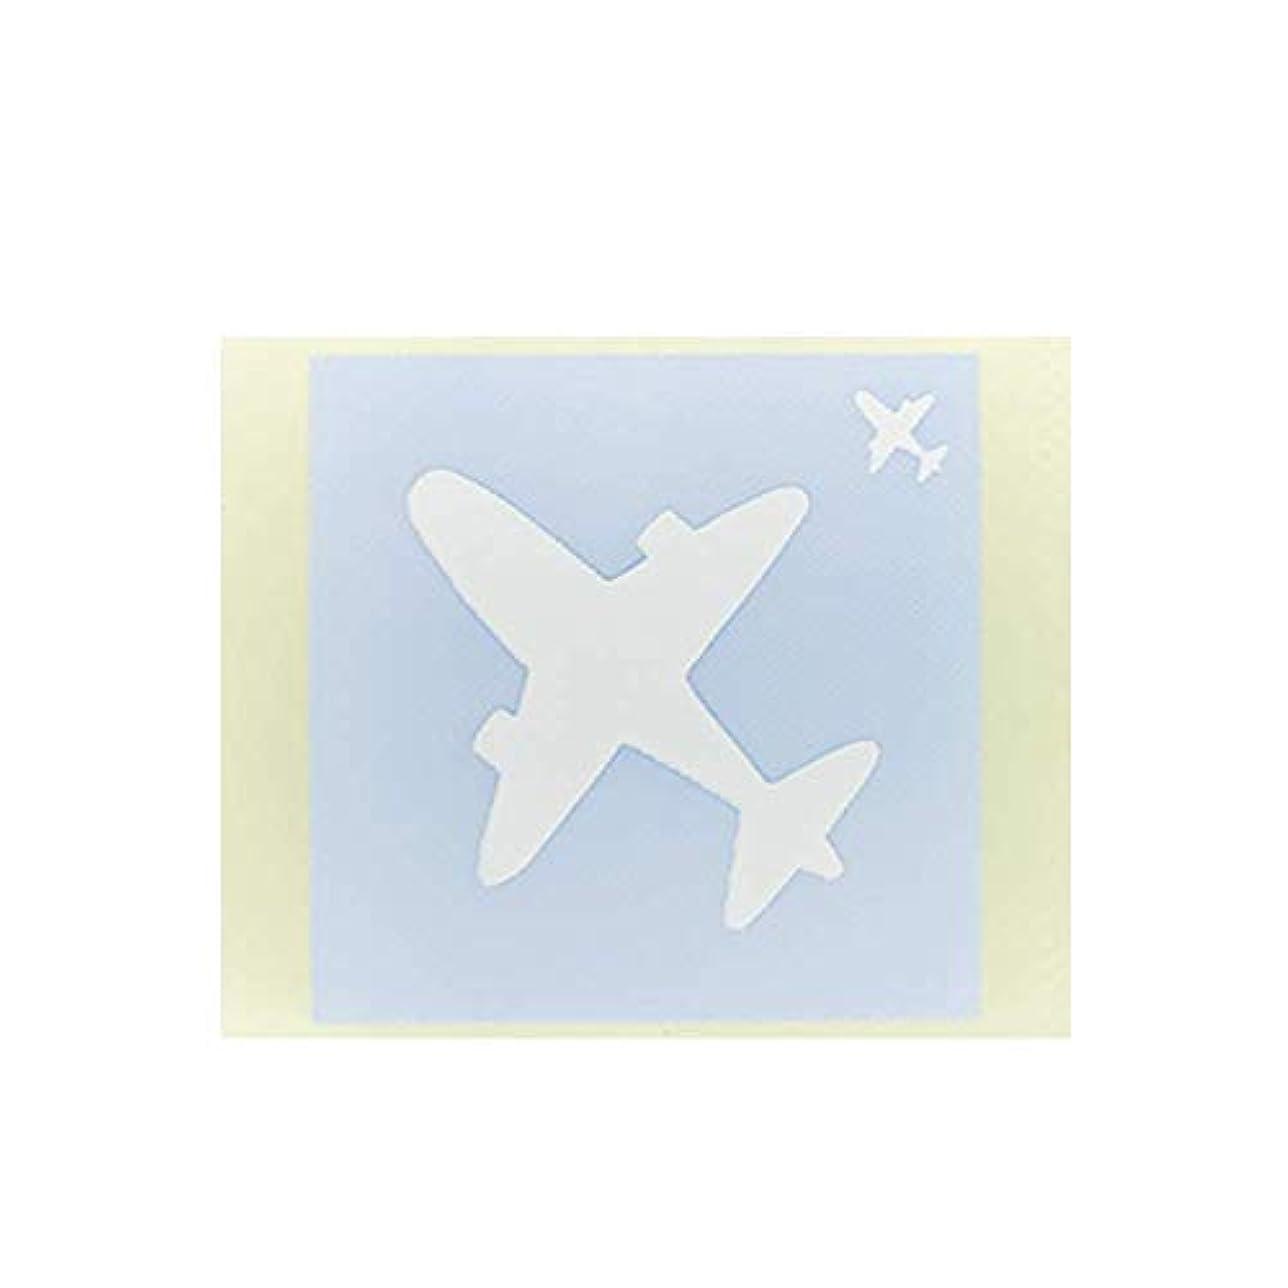 クール監査スマイルPOOL ステンシル(抜き型)シールタイプ 「飛行機」30枚 フェイスペイント ボディペイント 布用 ミラクルペイントシリーズ 絵柄